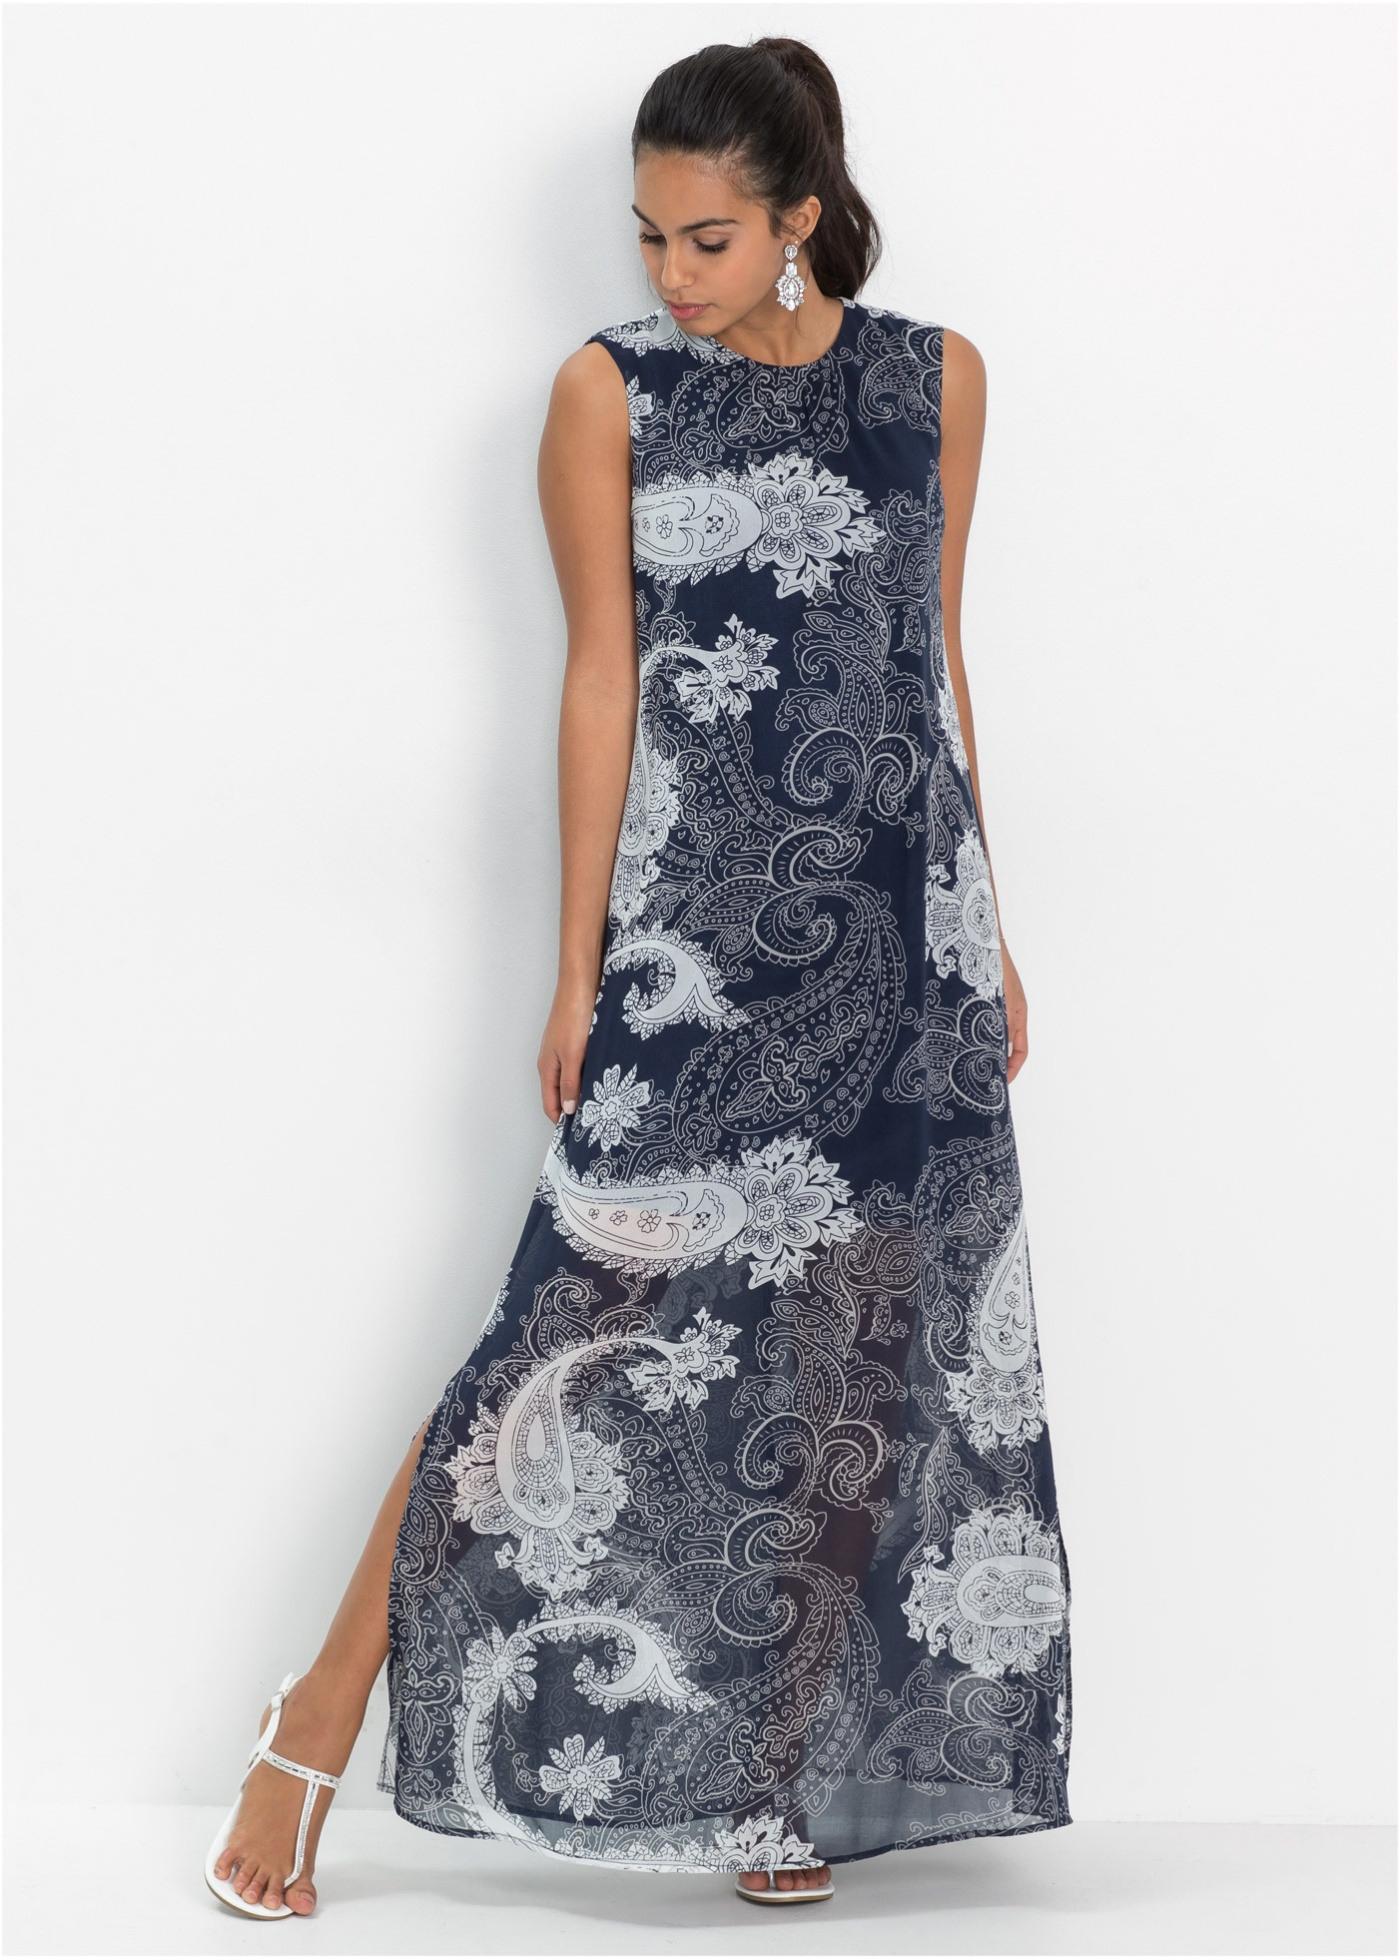 Elegantes Sommerkleid Aus Chiffon Mit Rundhalsausschnitt